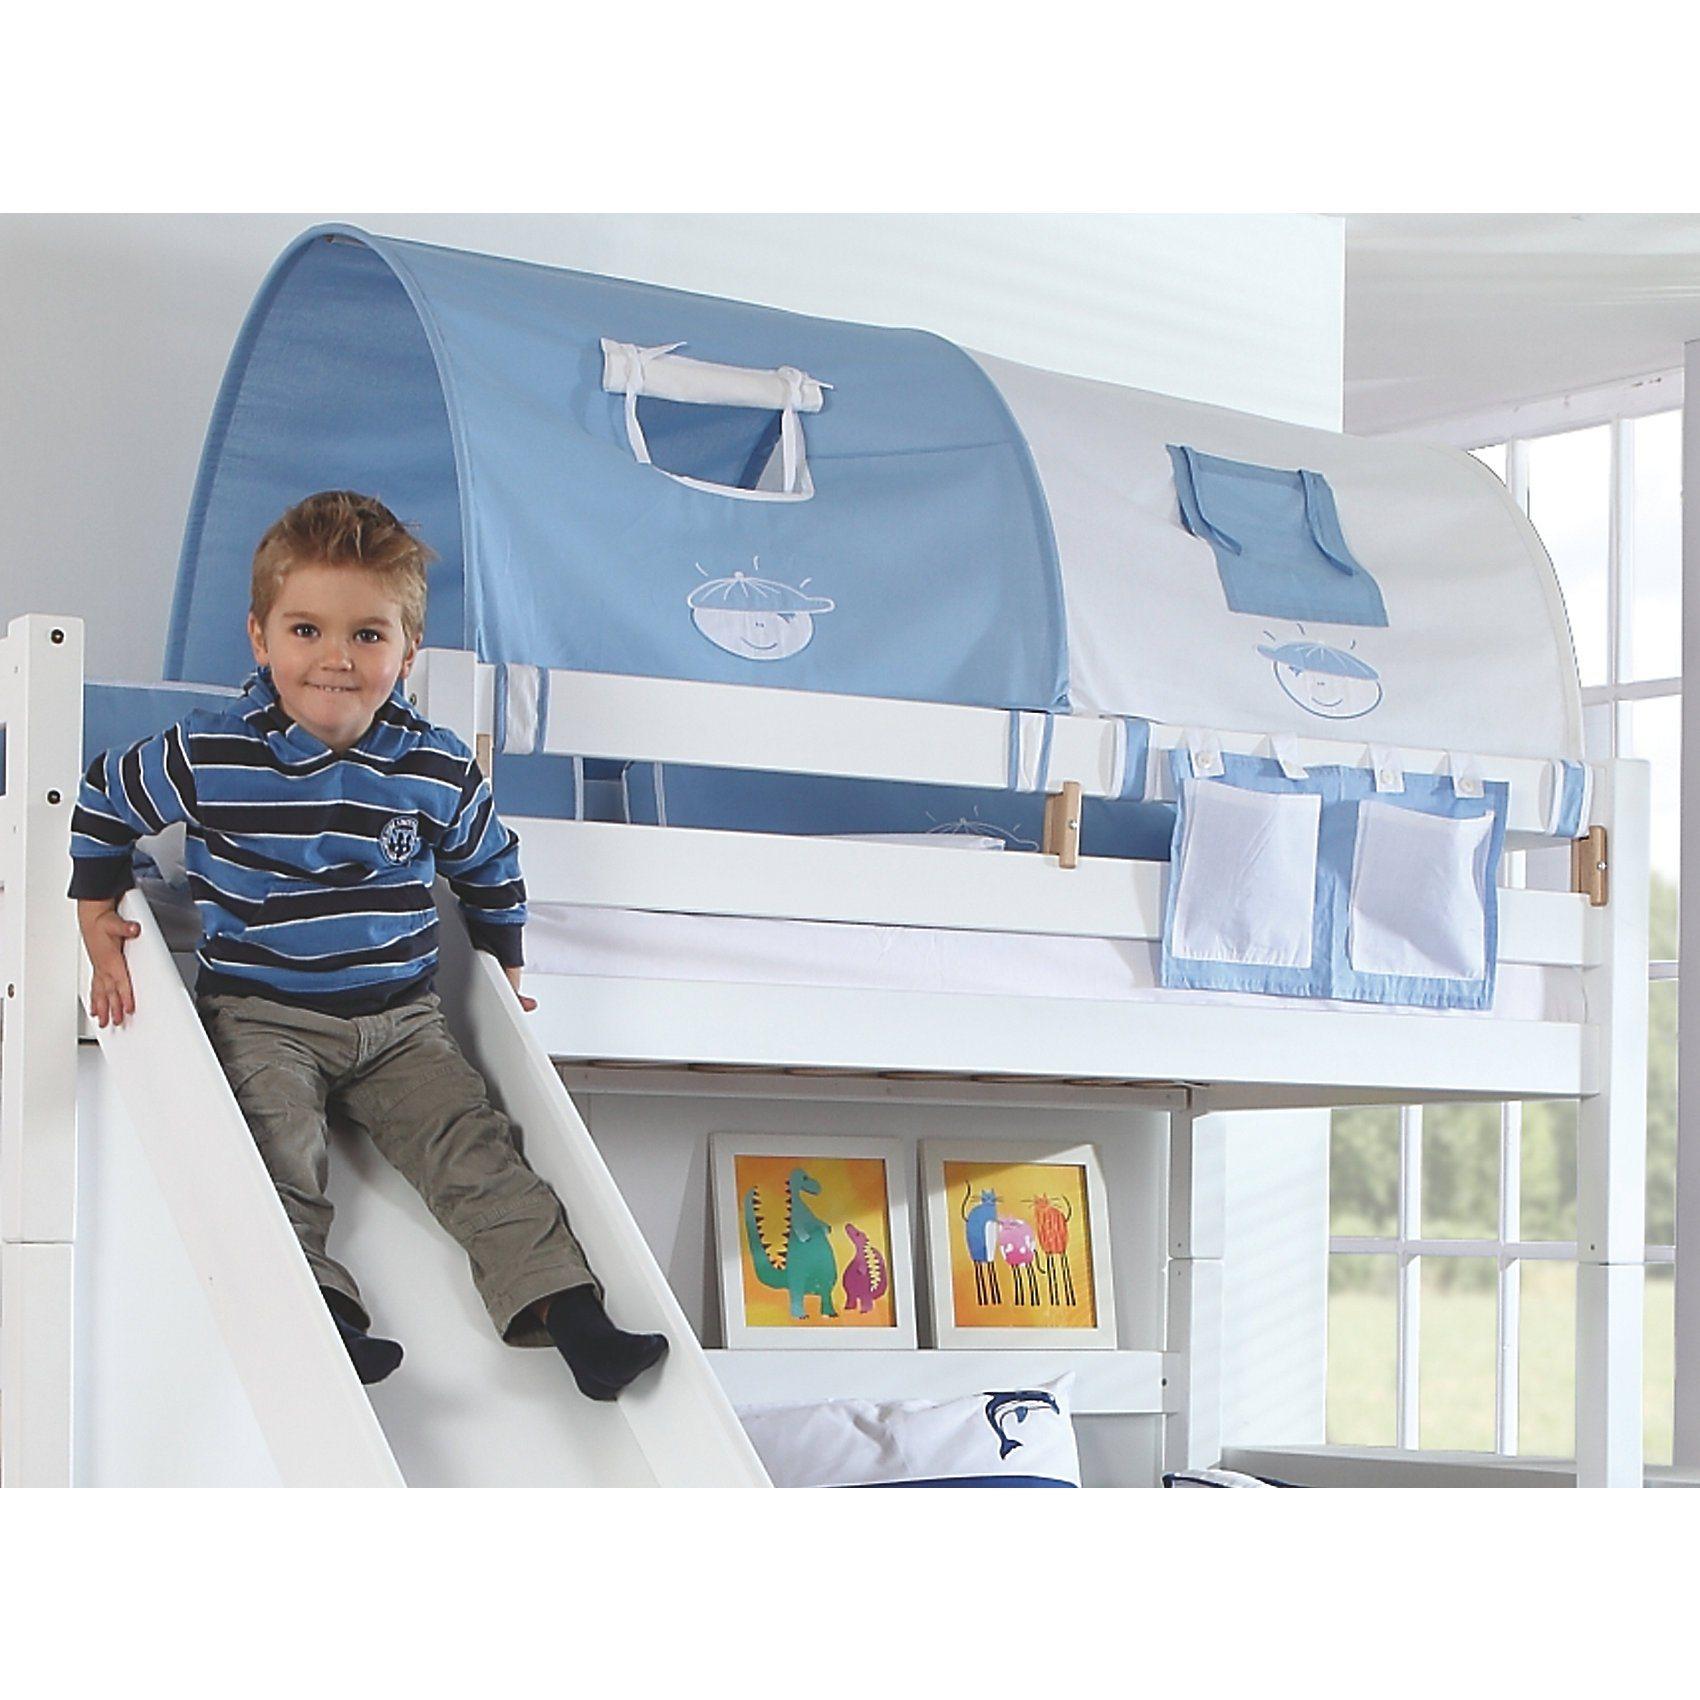 Relita 2er Tunnel für Hoch-und Etagenbetten, Boy, hellblau/weiß, 15 | Kinderzimmer > Kinderbetten > Etagenbetten | Baumwolle | Relita